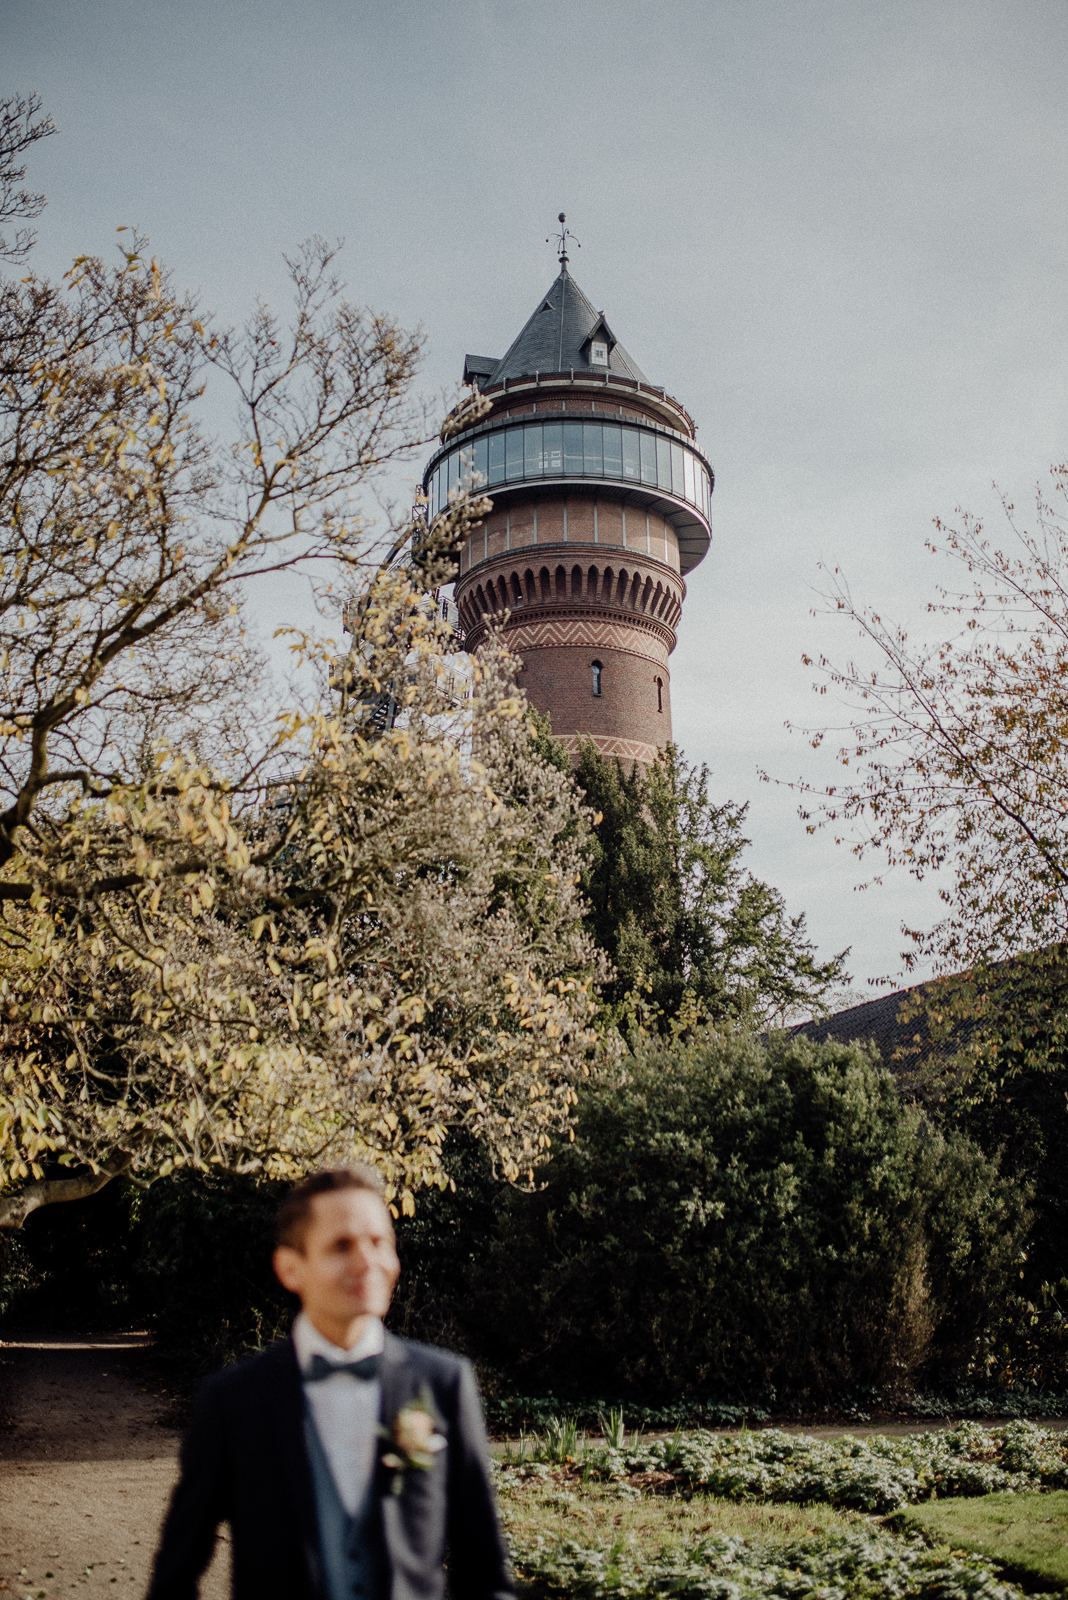 036-designparaplus-hotelhochzeit-winterhochzeit-vandervalk-aquarius-hochzeitsfotograf